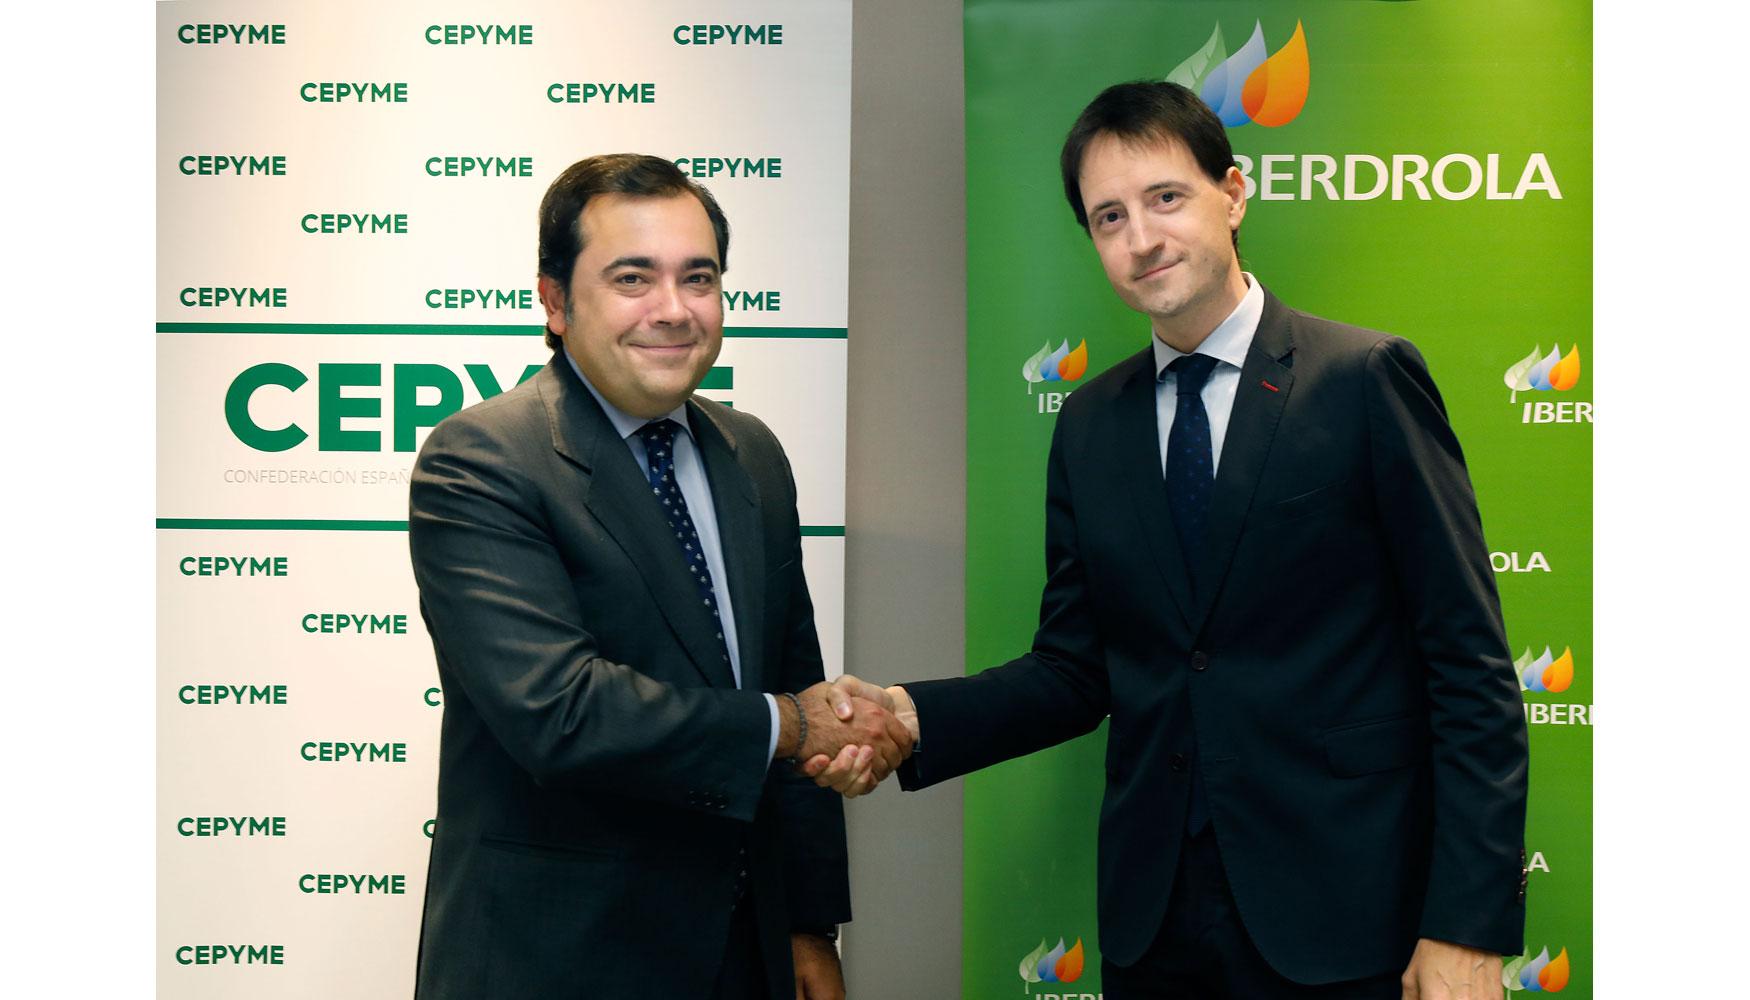 Iberdrola y cepyme suscriben un convenio que proporcionar for Oficina iberdrola madrid